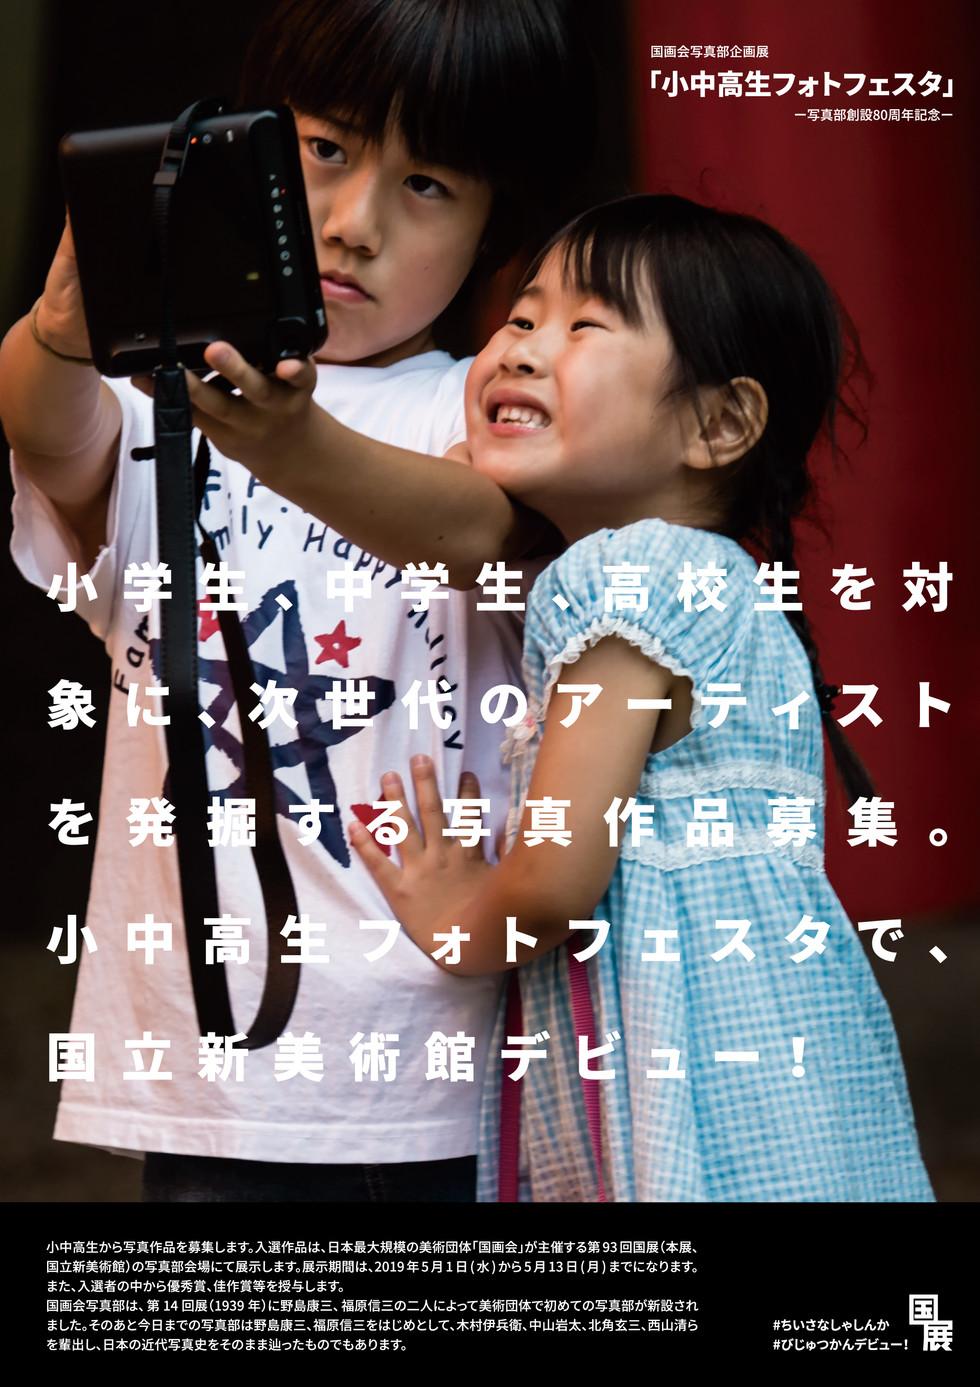 「国画会写真部企画展『小中高生フォトフェスタ』-写真部創設80周年記念-」のお知らせ